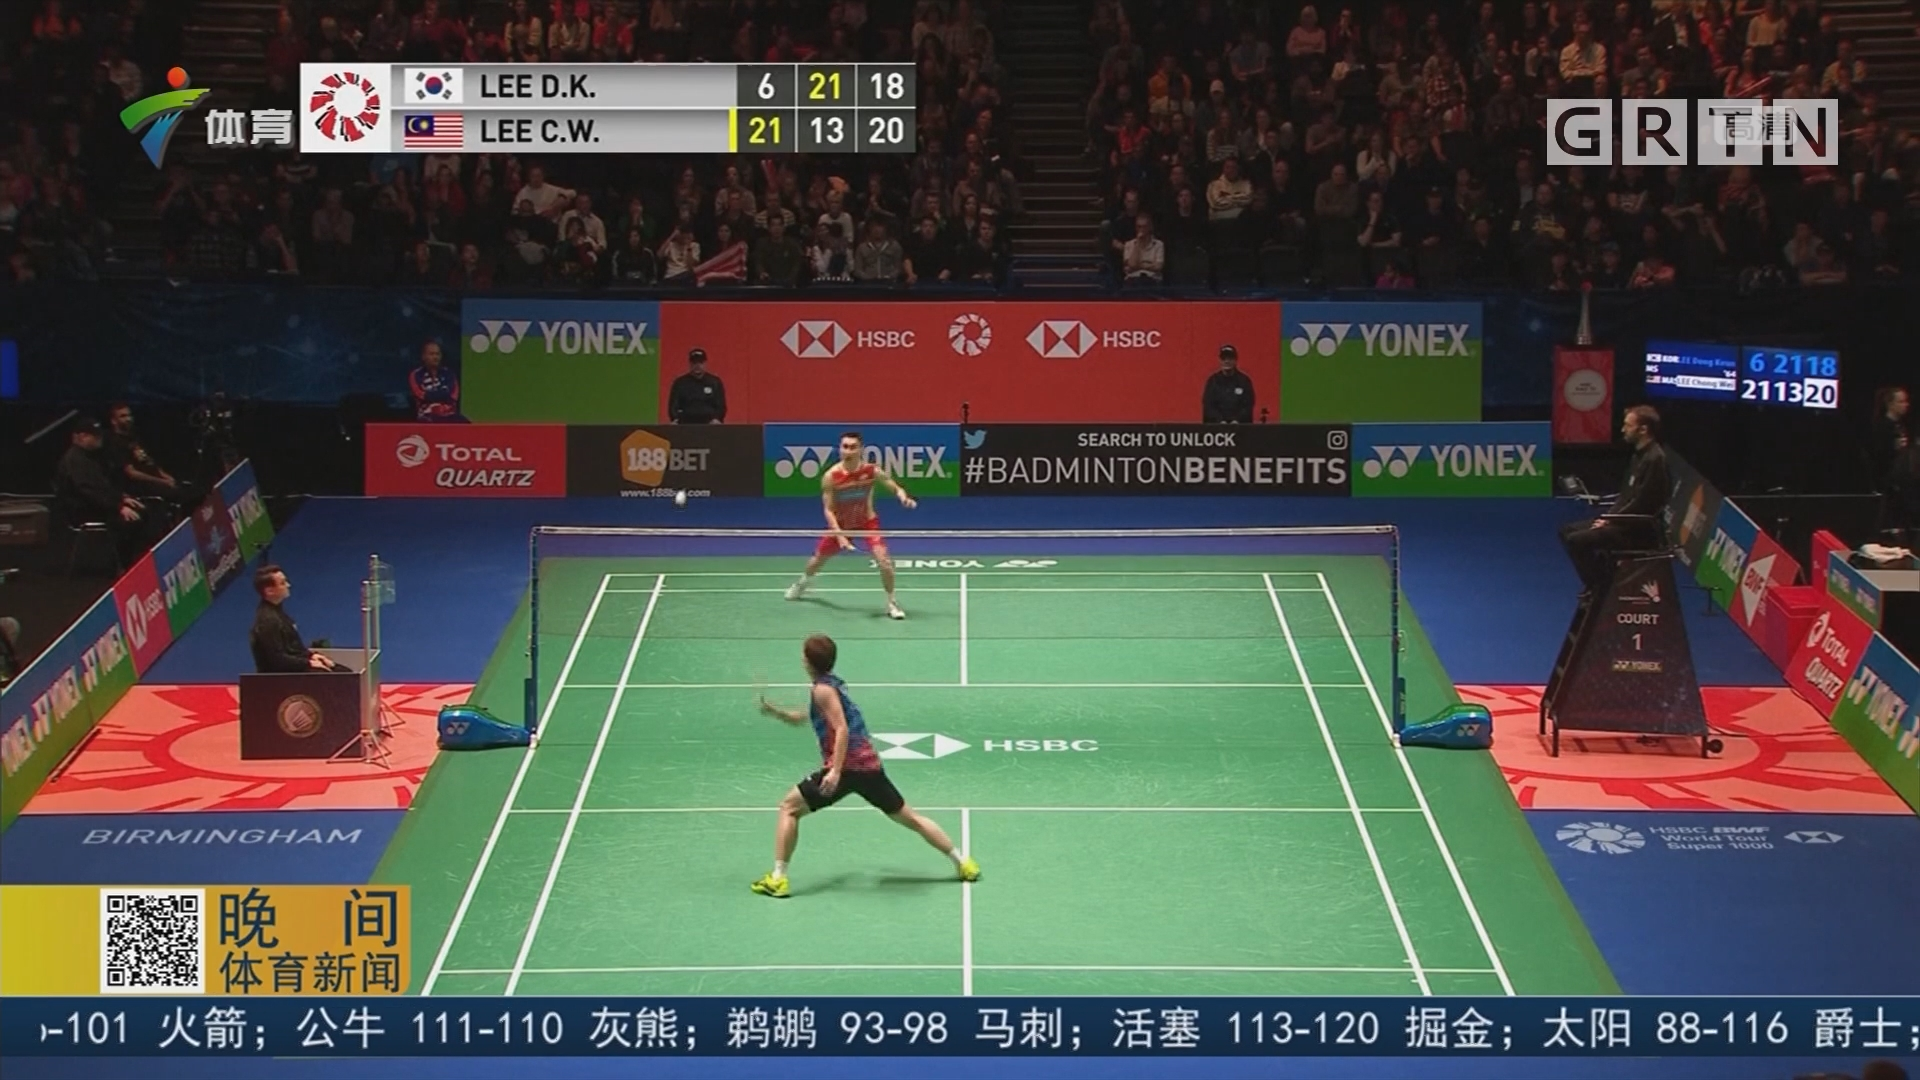 羽毛球全英赛 李宗伟八强迎战林丹